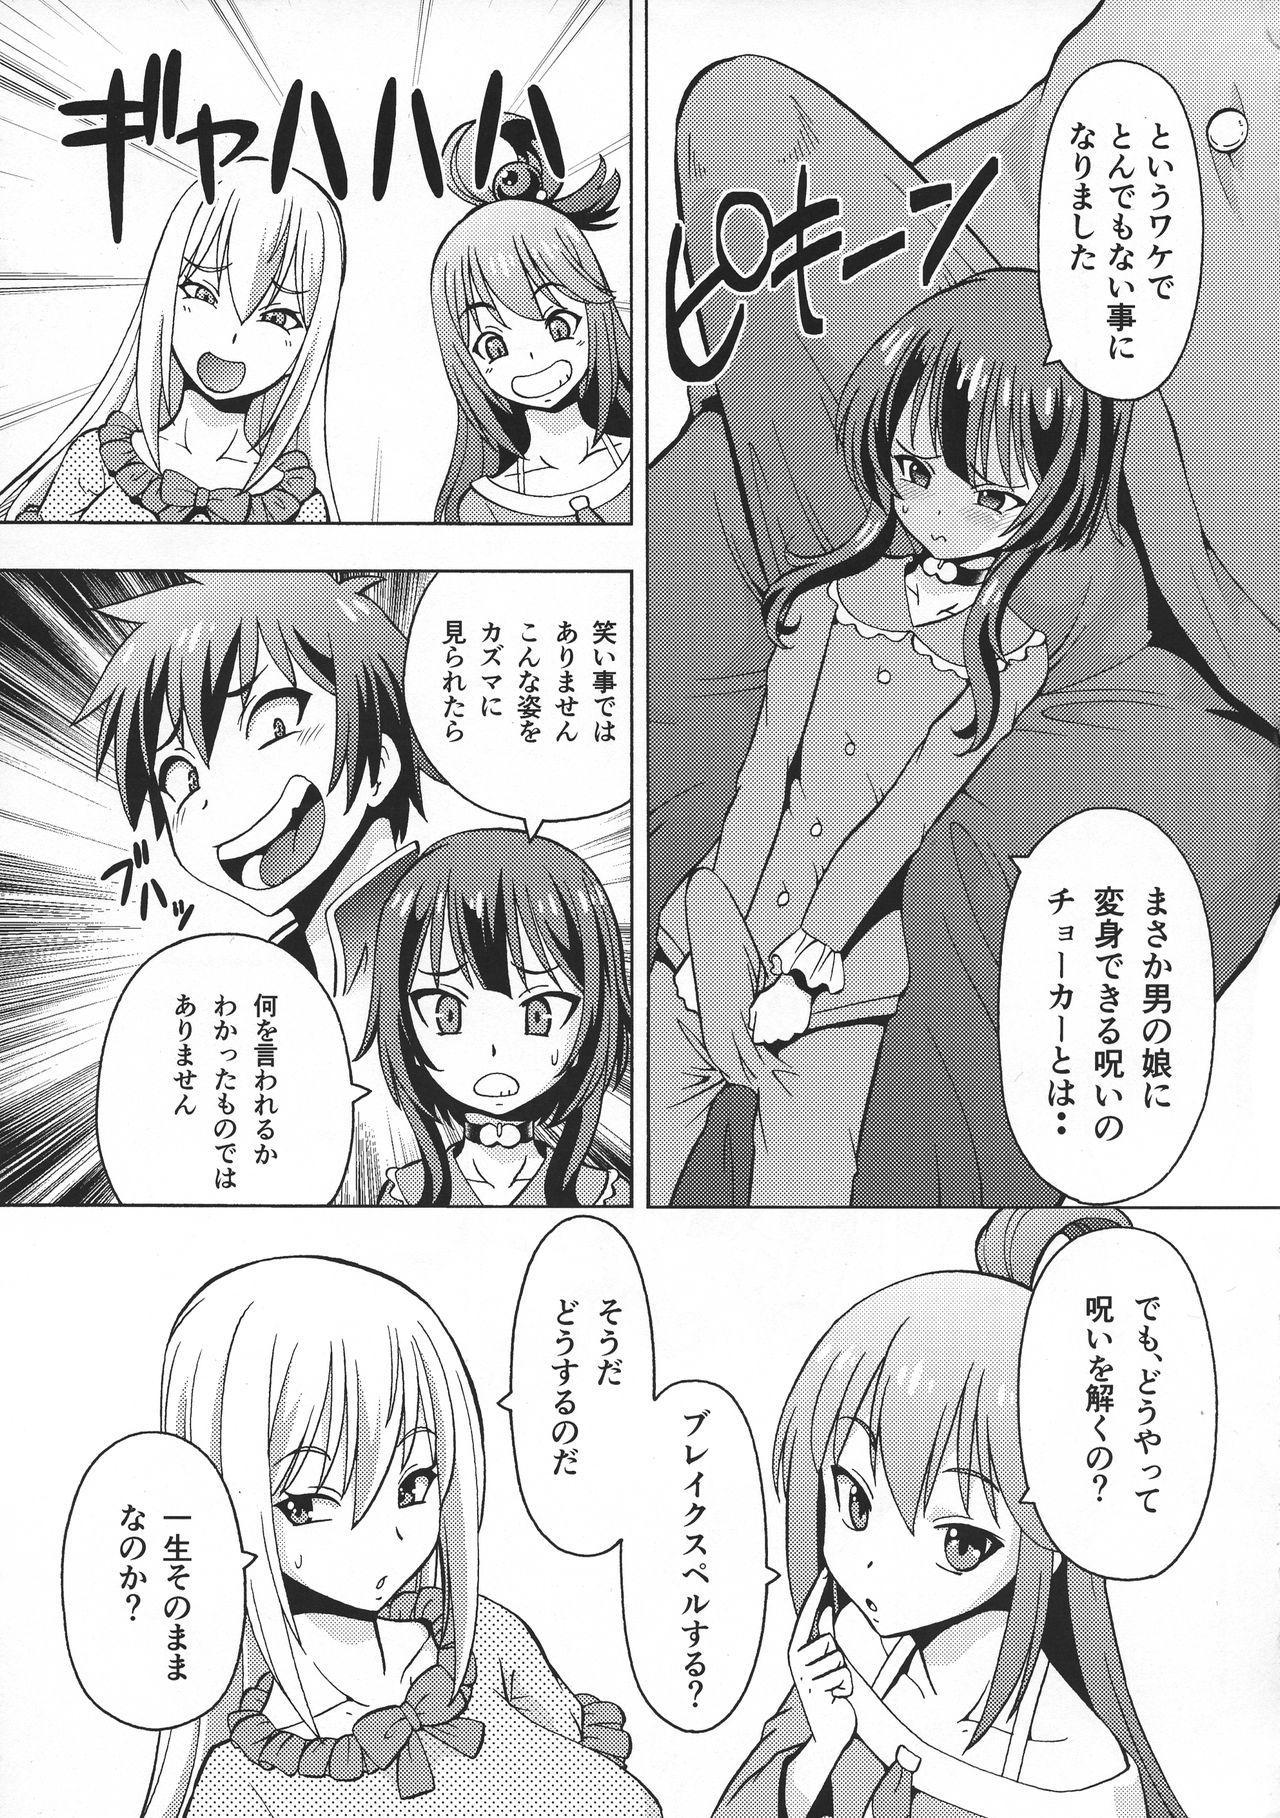 Ero Subarashii Sekai ni Nakadashi o! 6 FUTASUBA 4